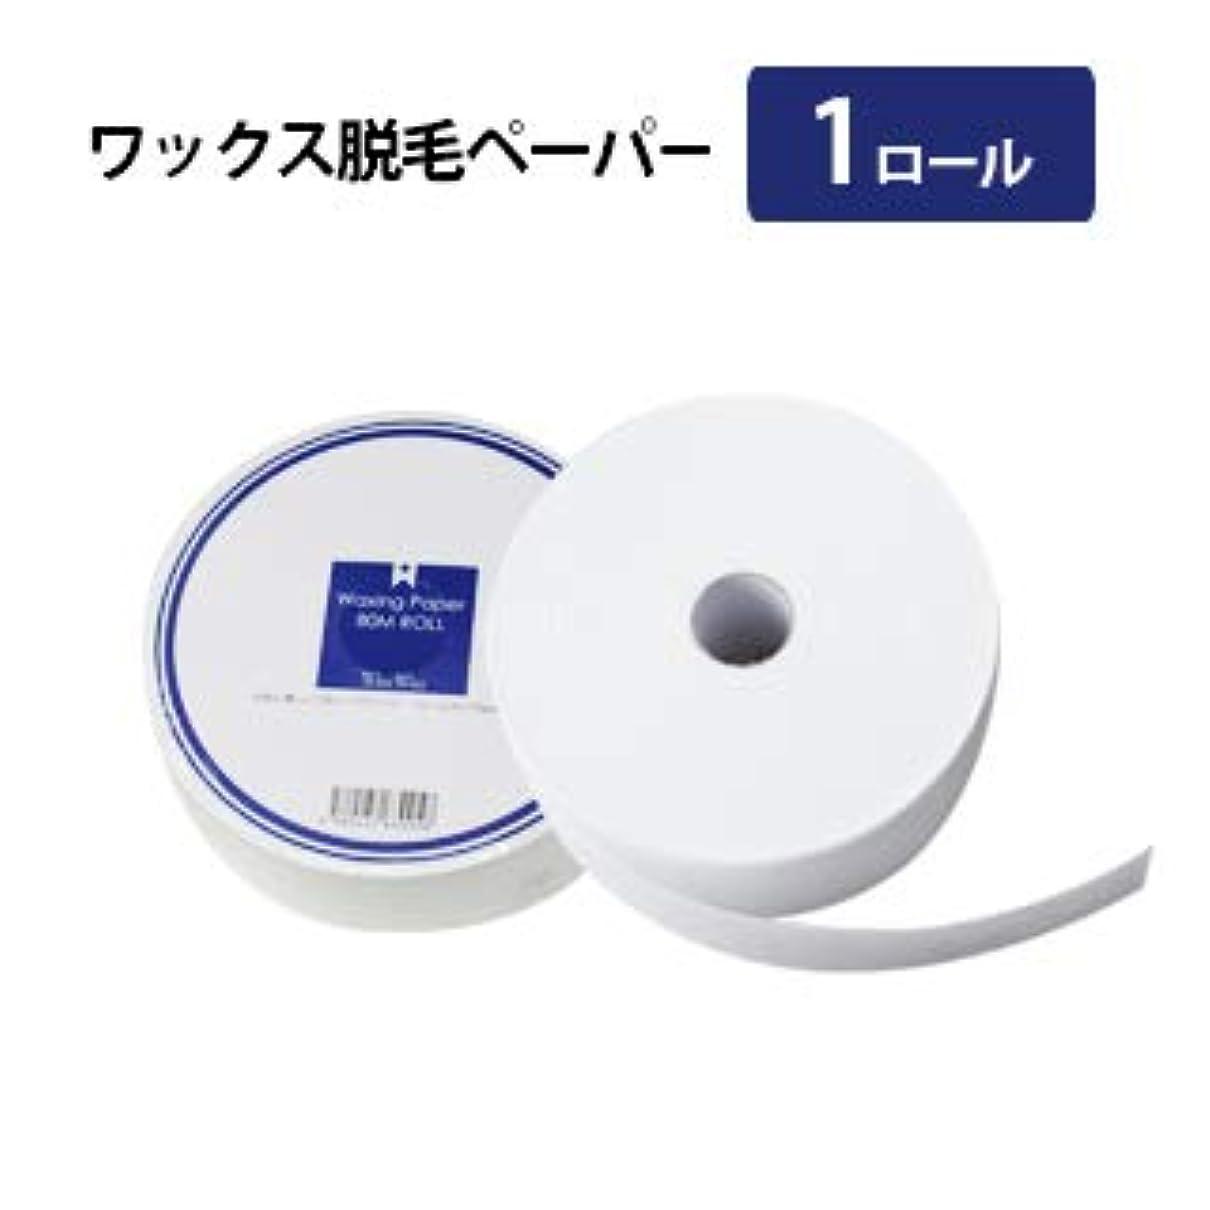 ミュートふりをする可塑性【不織布:8cm】ワックスロールペーパー 1巻